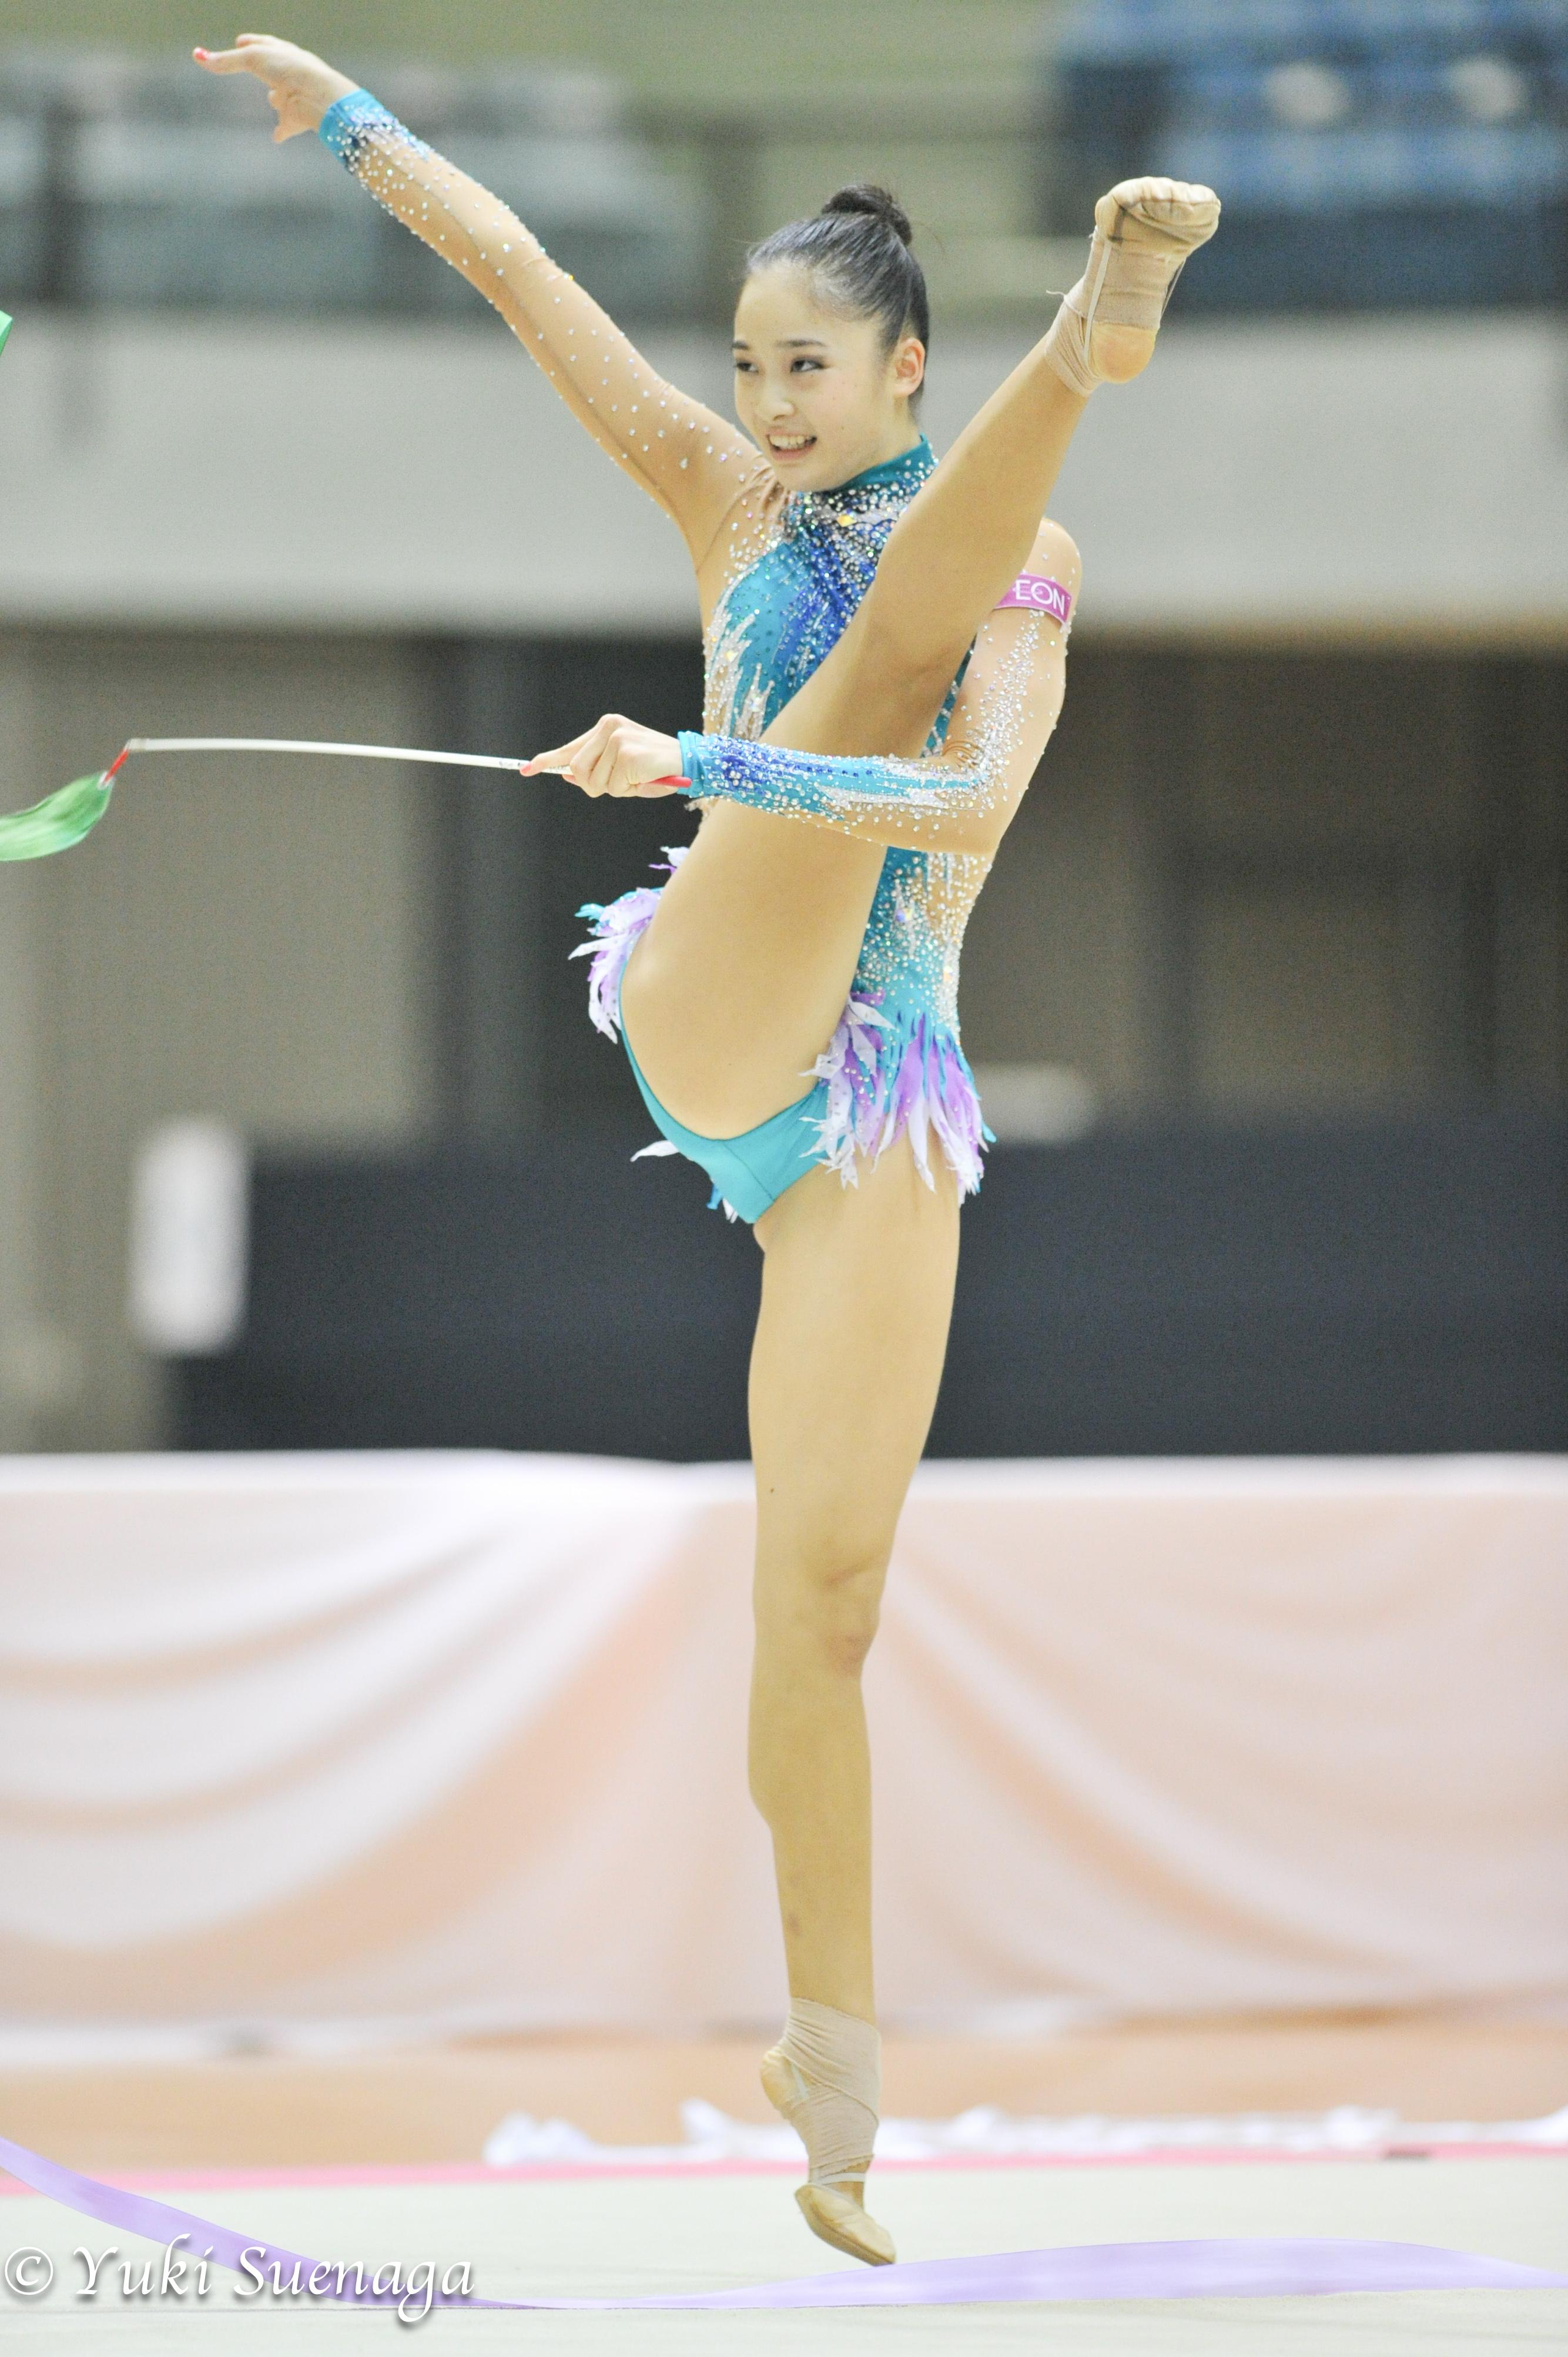 新体操 世界新体操選手権で日本が40年ぶりにメダルを獲得したそうです